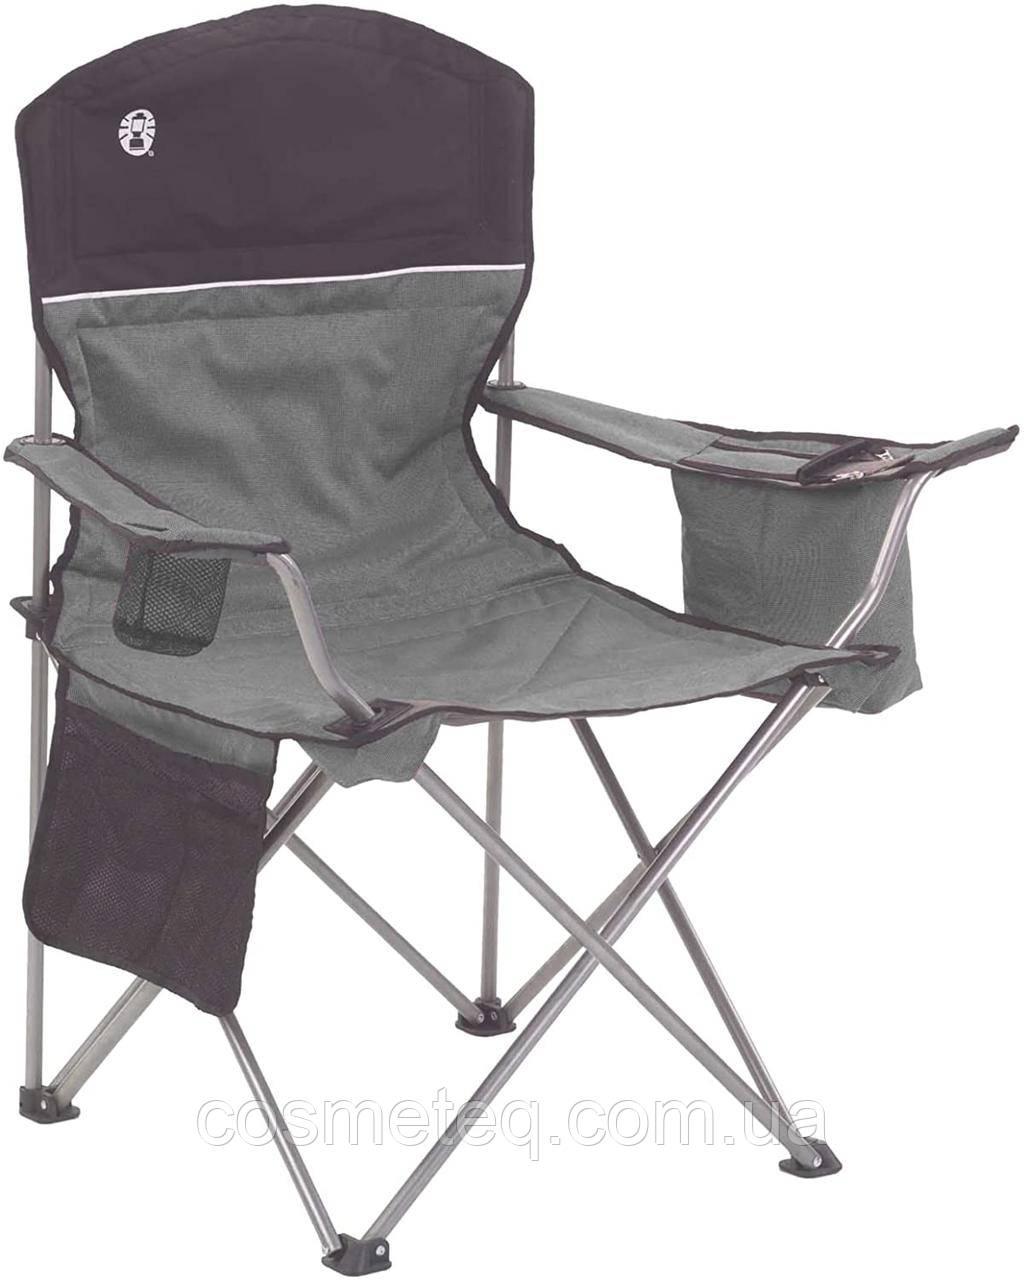 Складное кресло для охоты рыбалки туризма Coleman c карманом под 4 банки пива